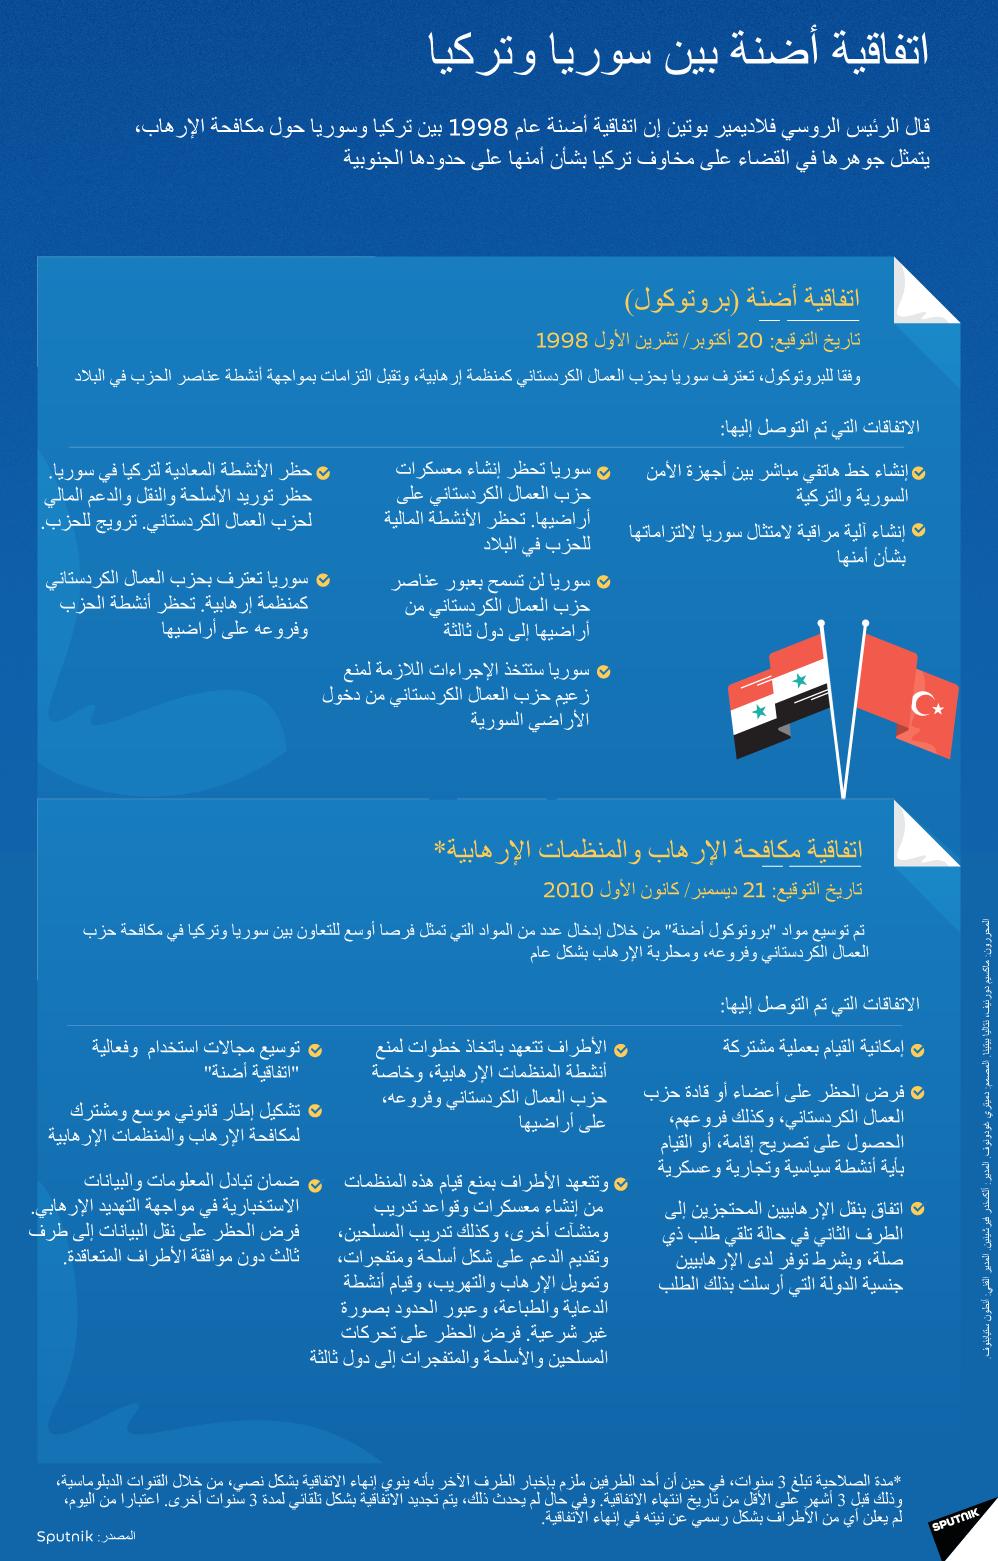 إنفوجرافيك - اتفاقية أضنة بين سوريا وتركيا